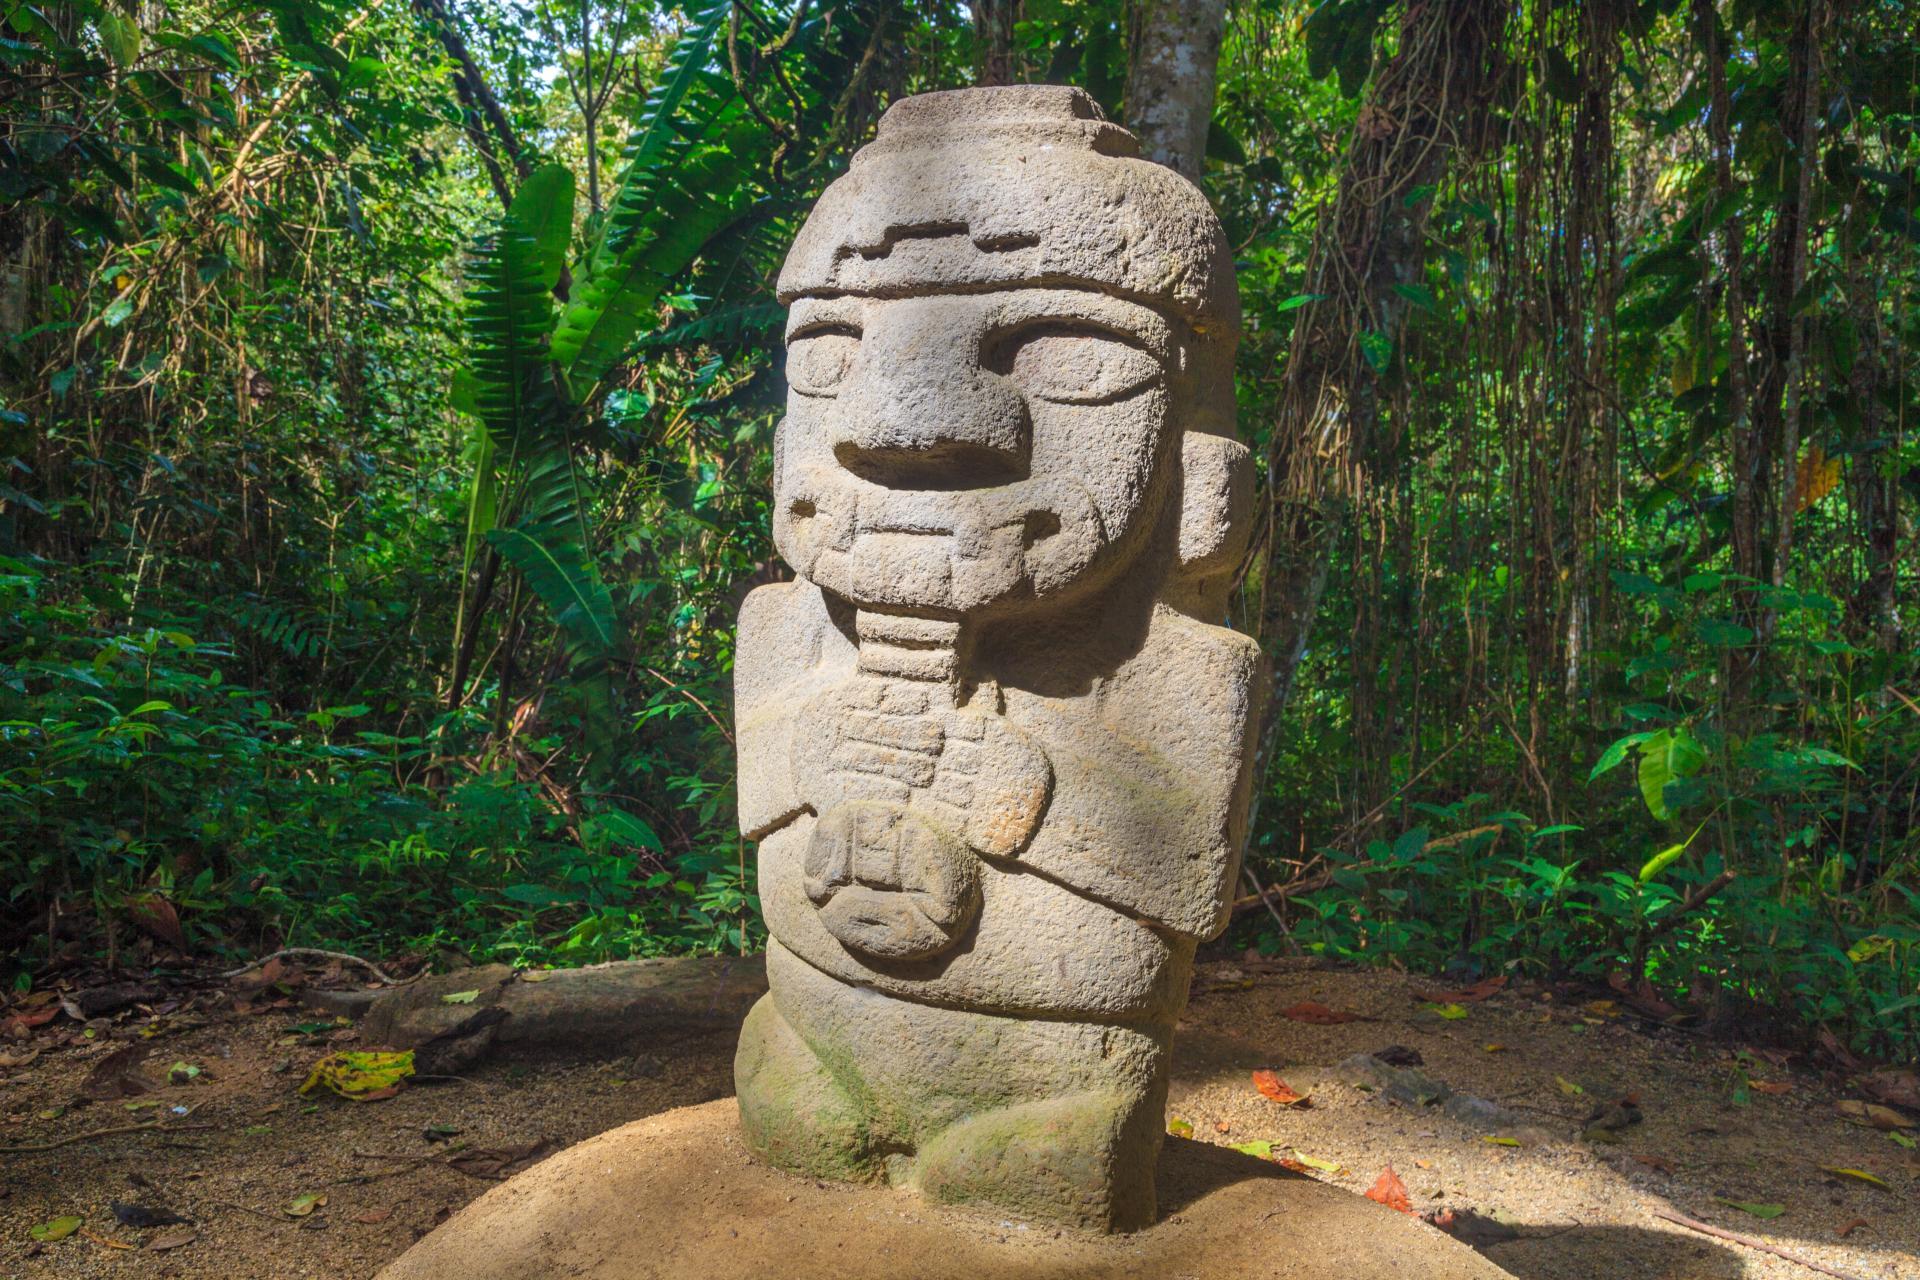 Entdecken Sie die berühmten Statuen der Ausgrabungsstätte San Agustin in Kolumbien